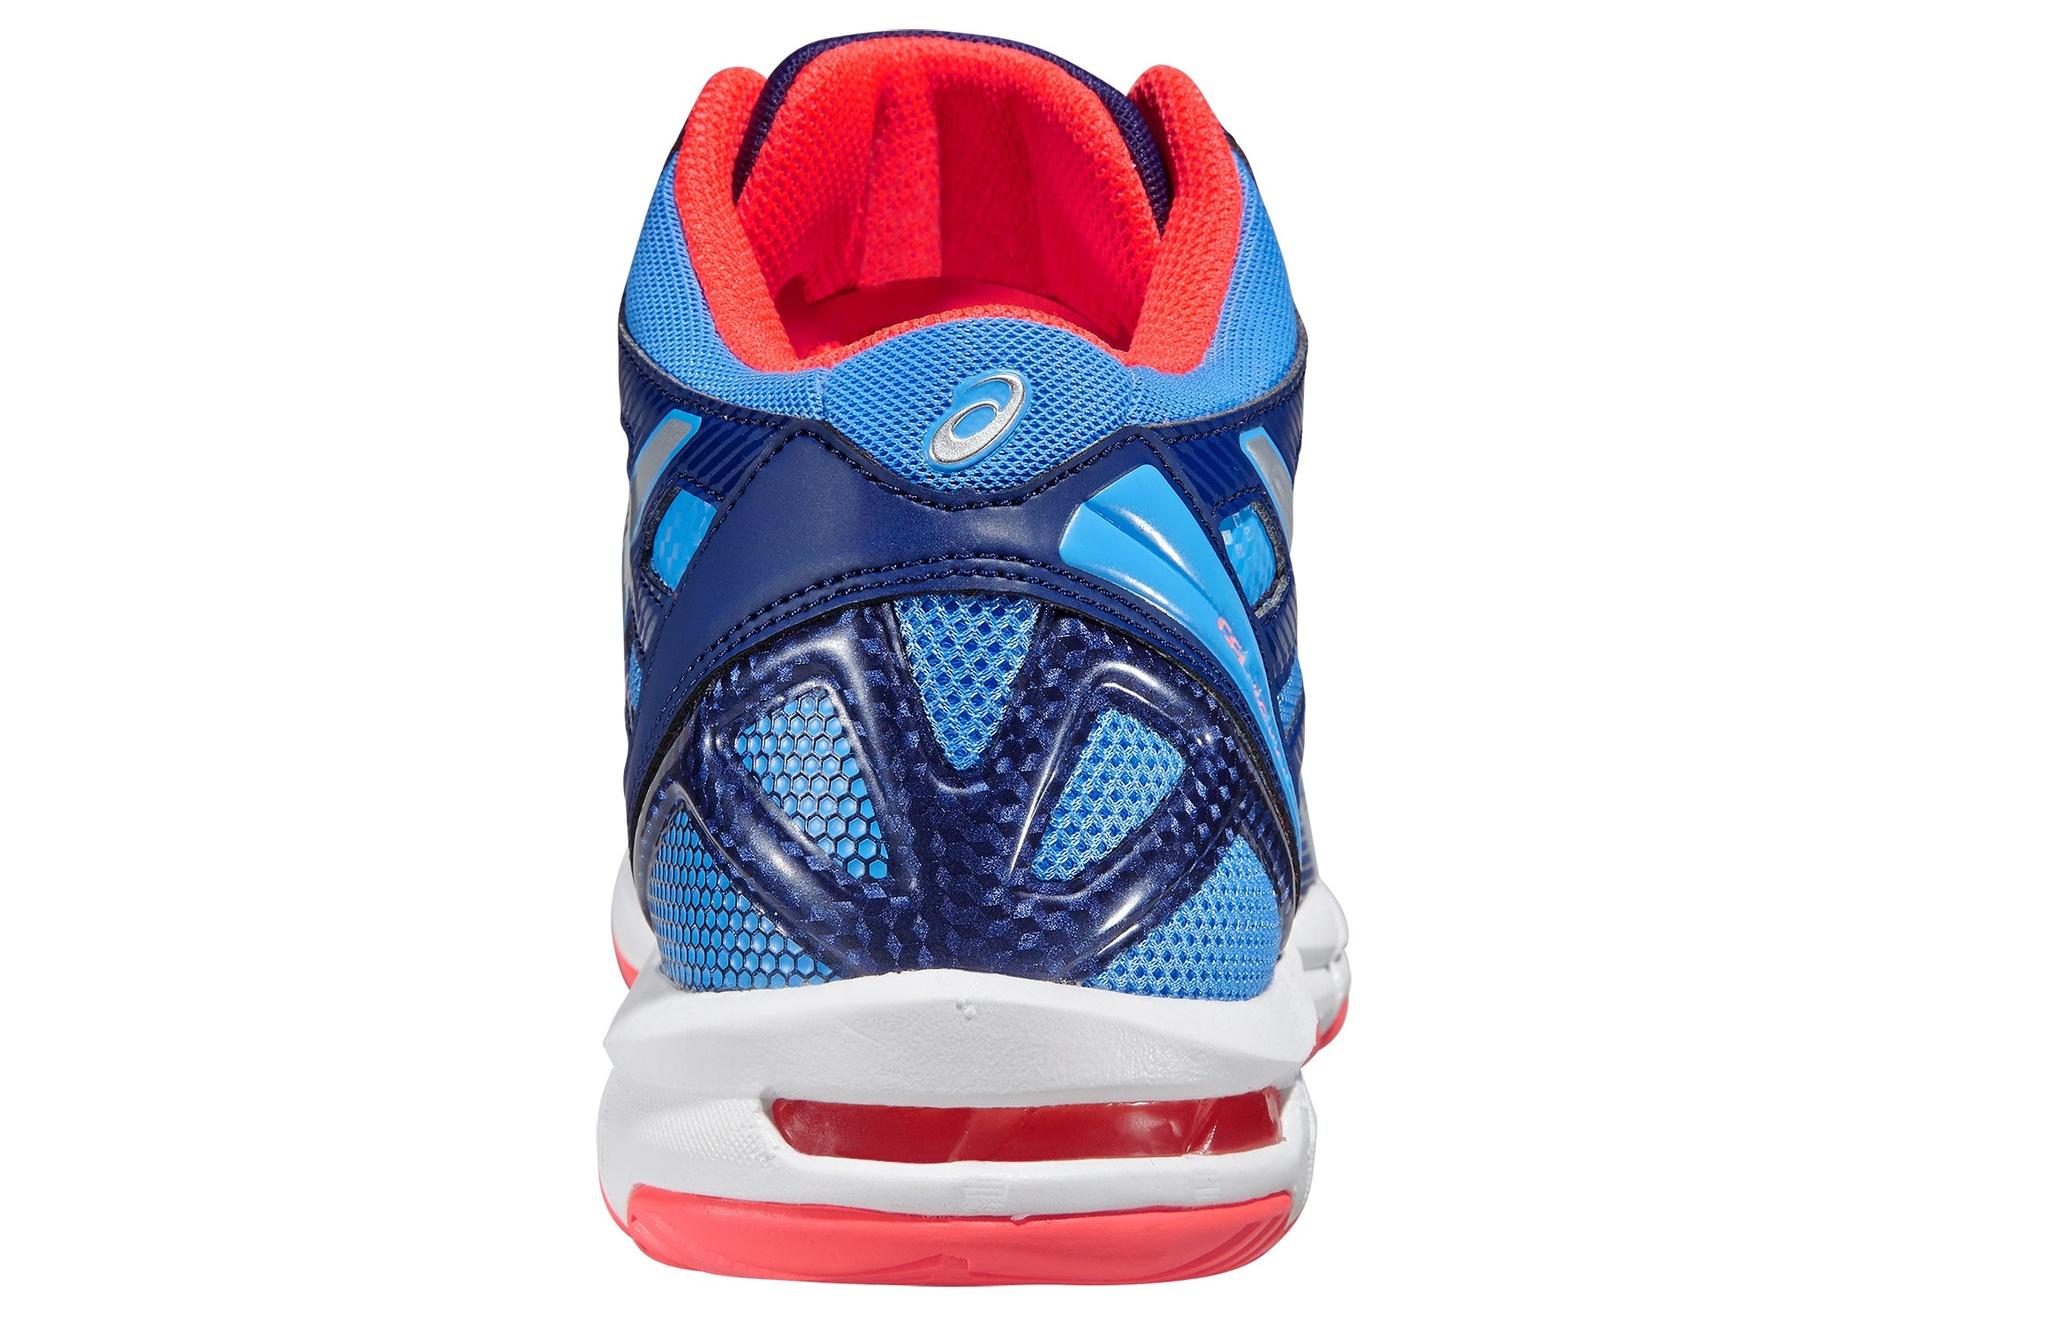 Женские кроссовки для волейбола с высоким голеностопом Asics Gel-Beyond 4 MT (B453N 4793) синий